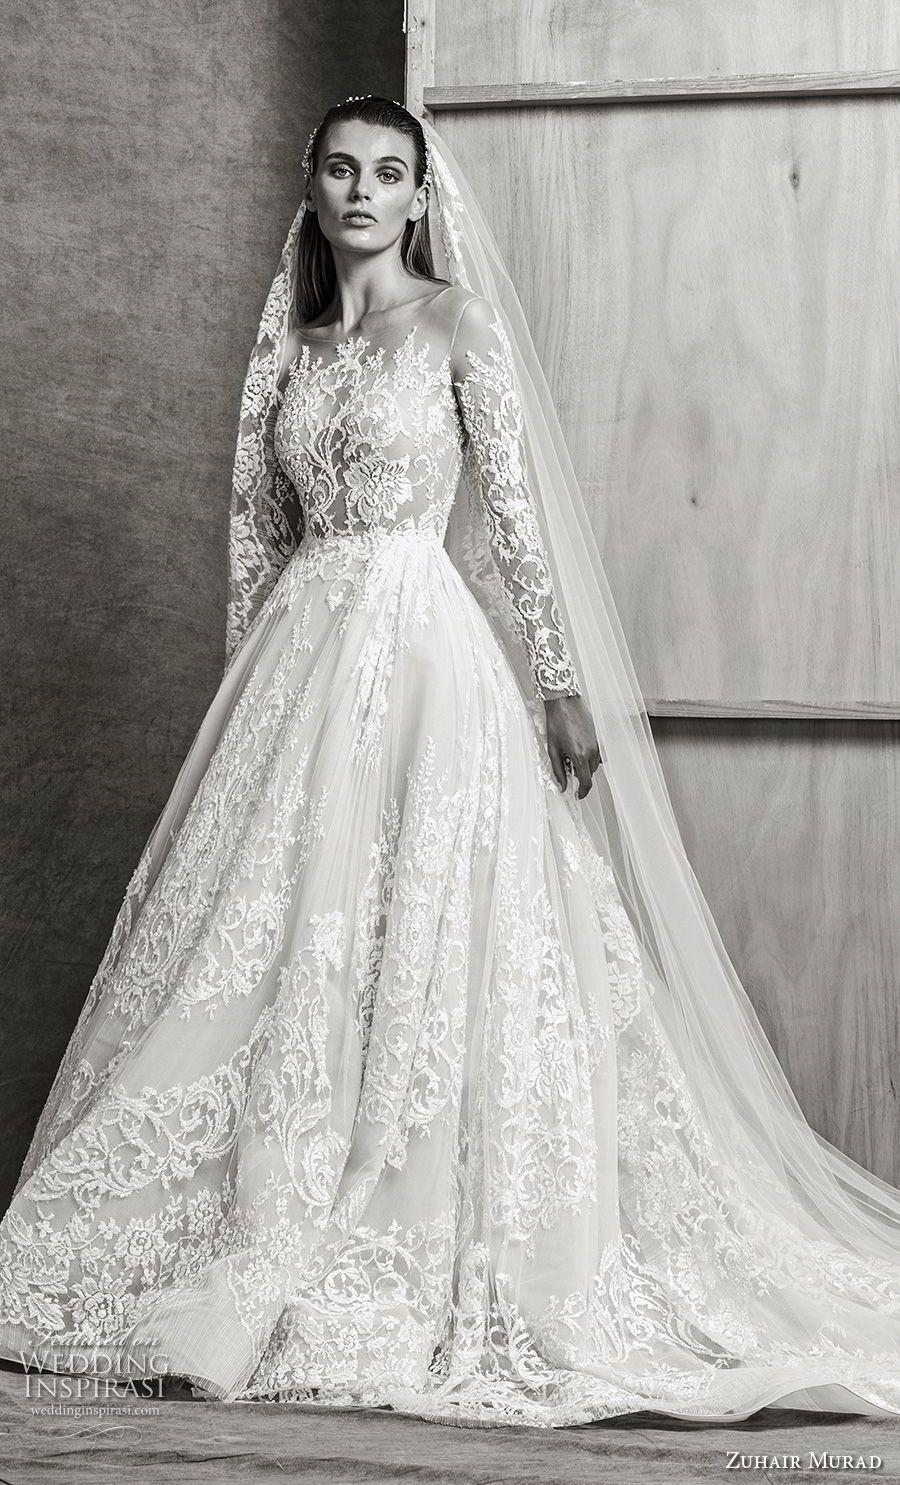 Zuhair Murad Fall 2018 Wedding Dresses Wedding Inspirasi Long Train Wedding Dress Wedding Dresses Zuhair Murad Elegant Wedding Dress